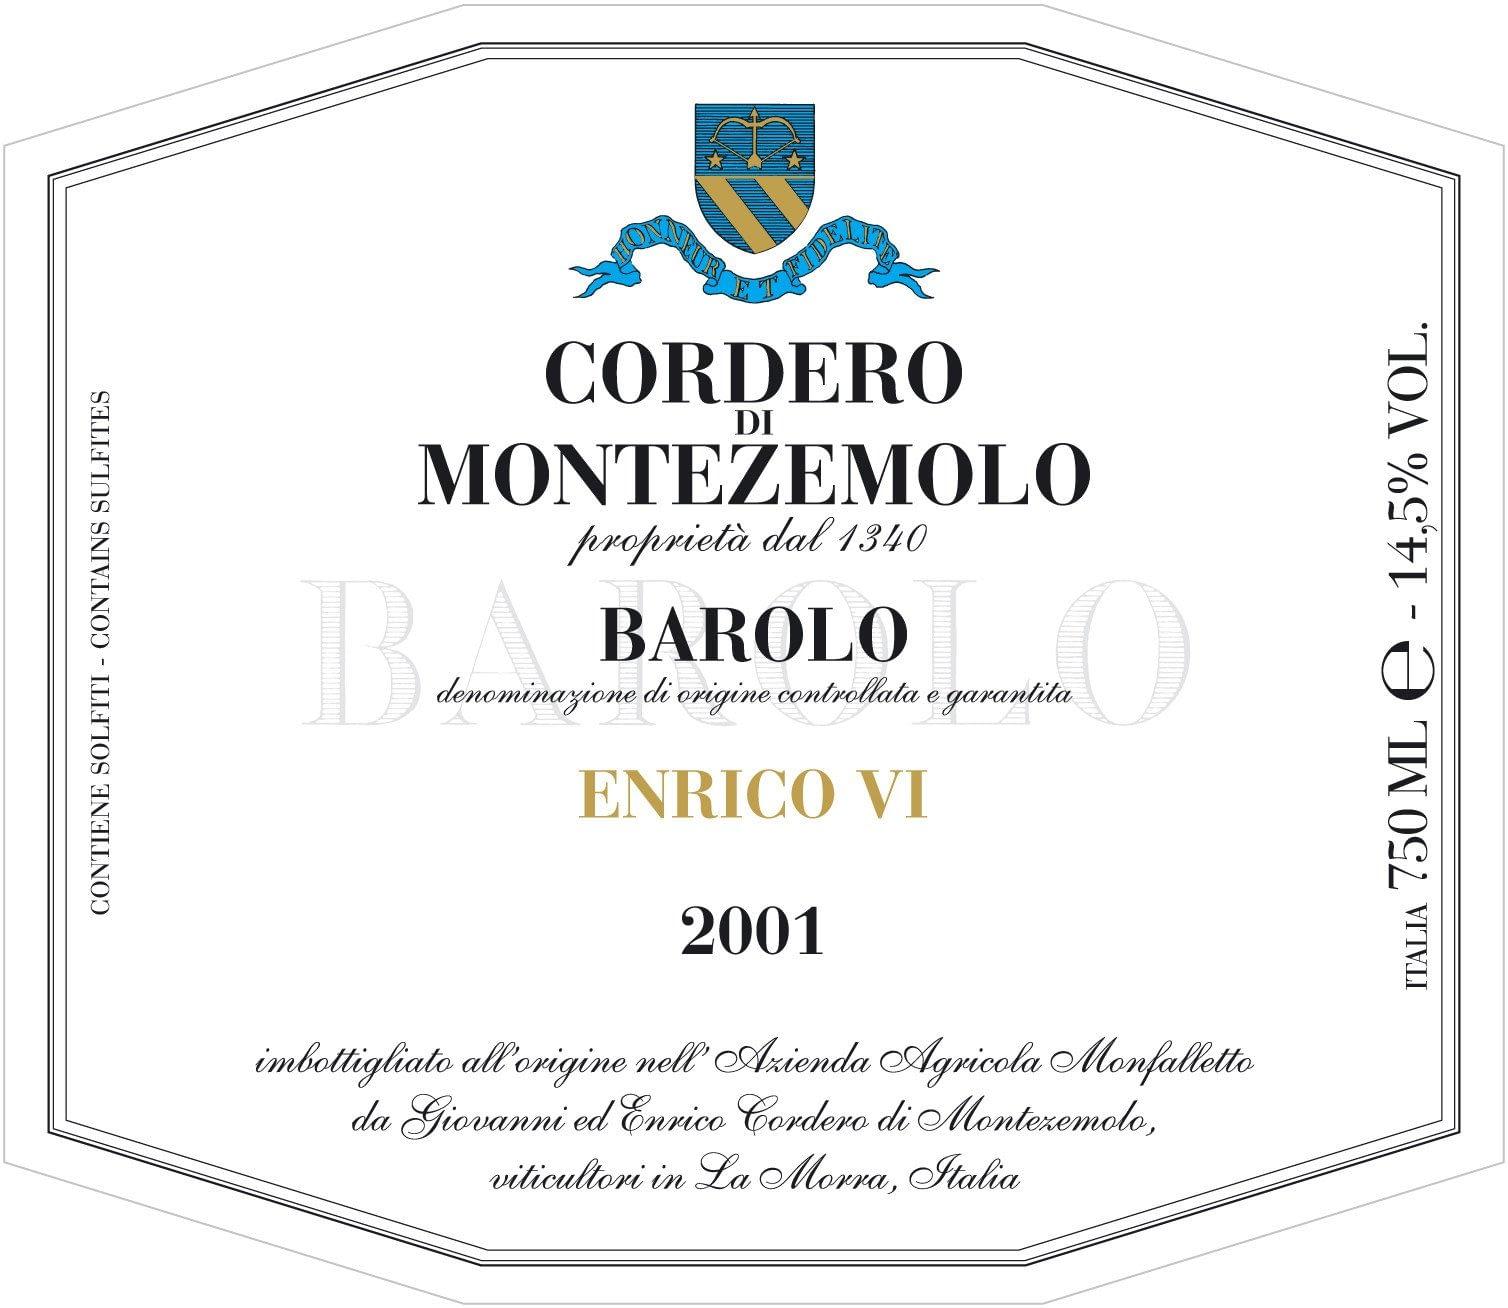 Cordero Barolo Enrico VI 2016